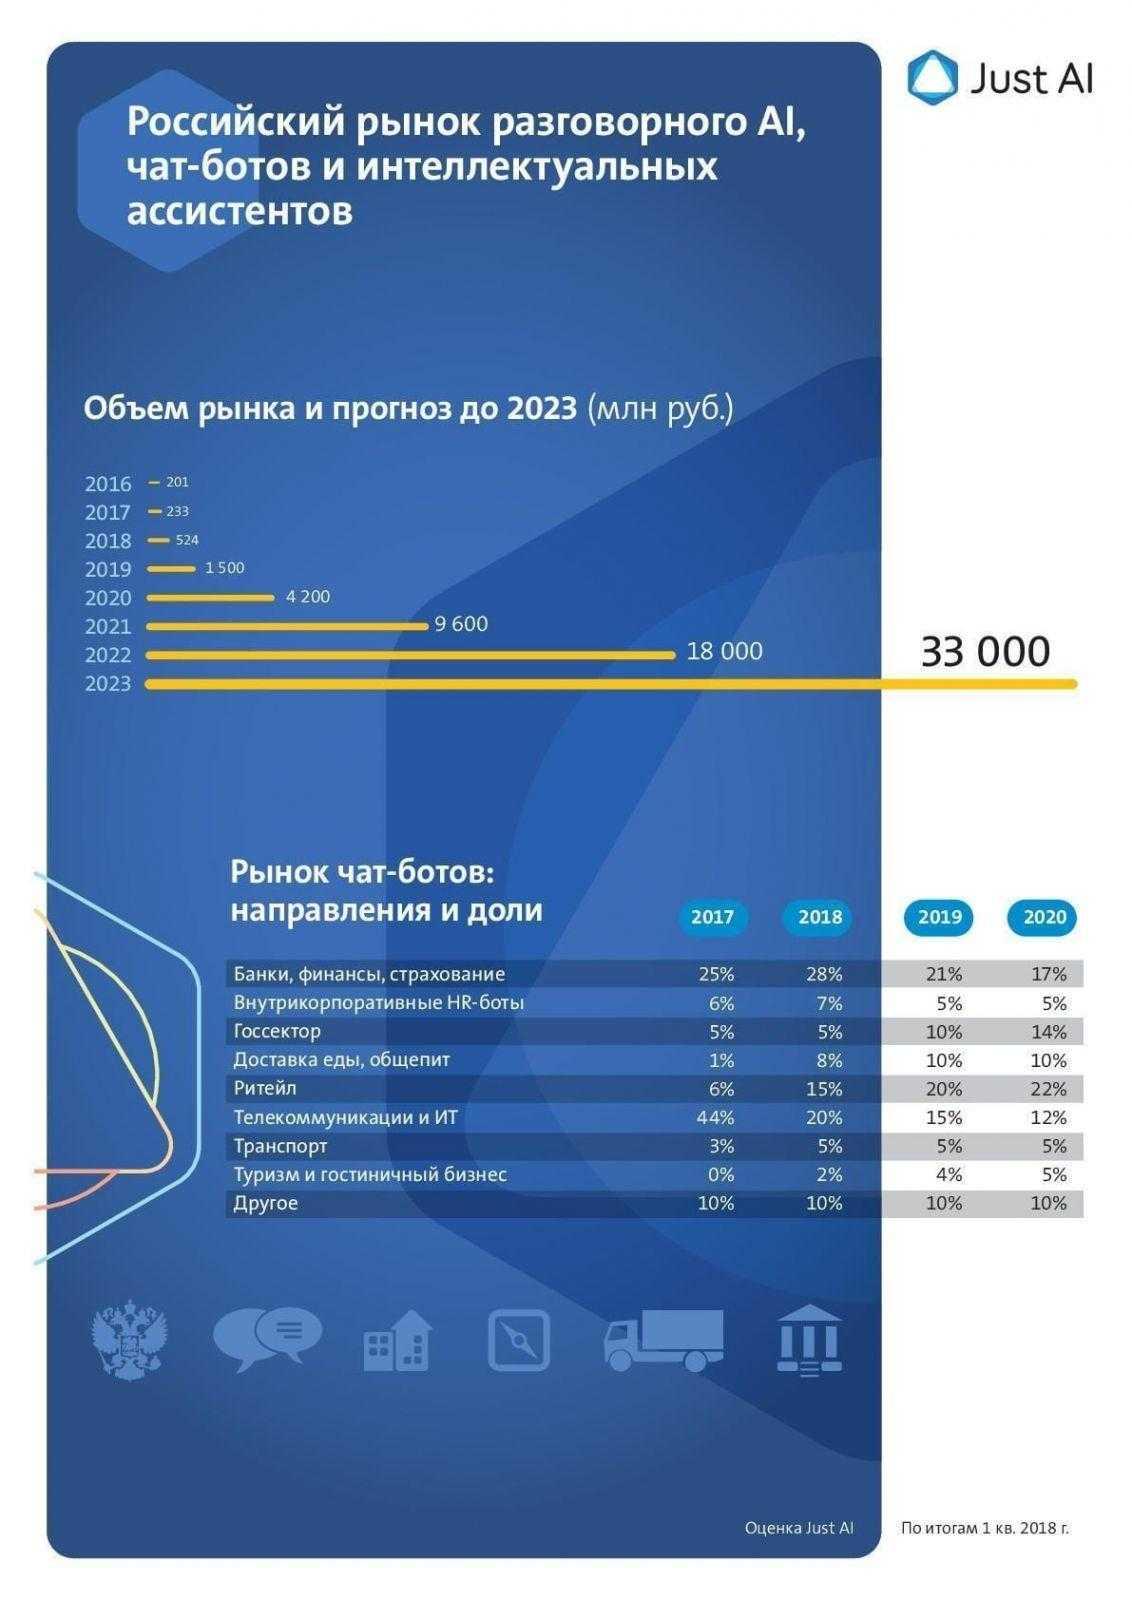 Как изменится рынок чат-ботов и интеллектуальных ассистентов в России в 2018 году (ilovepdf com)